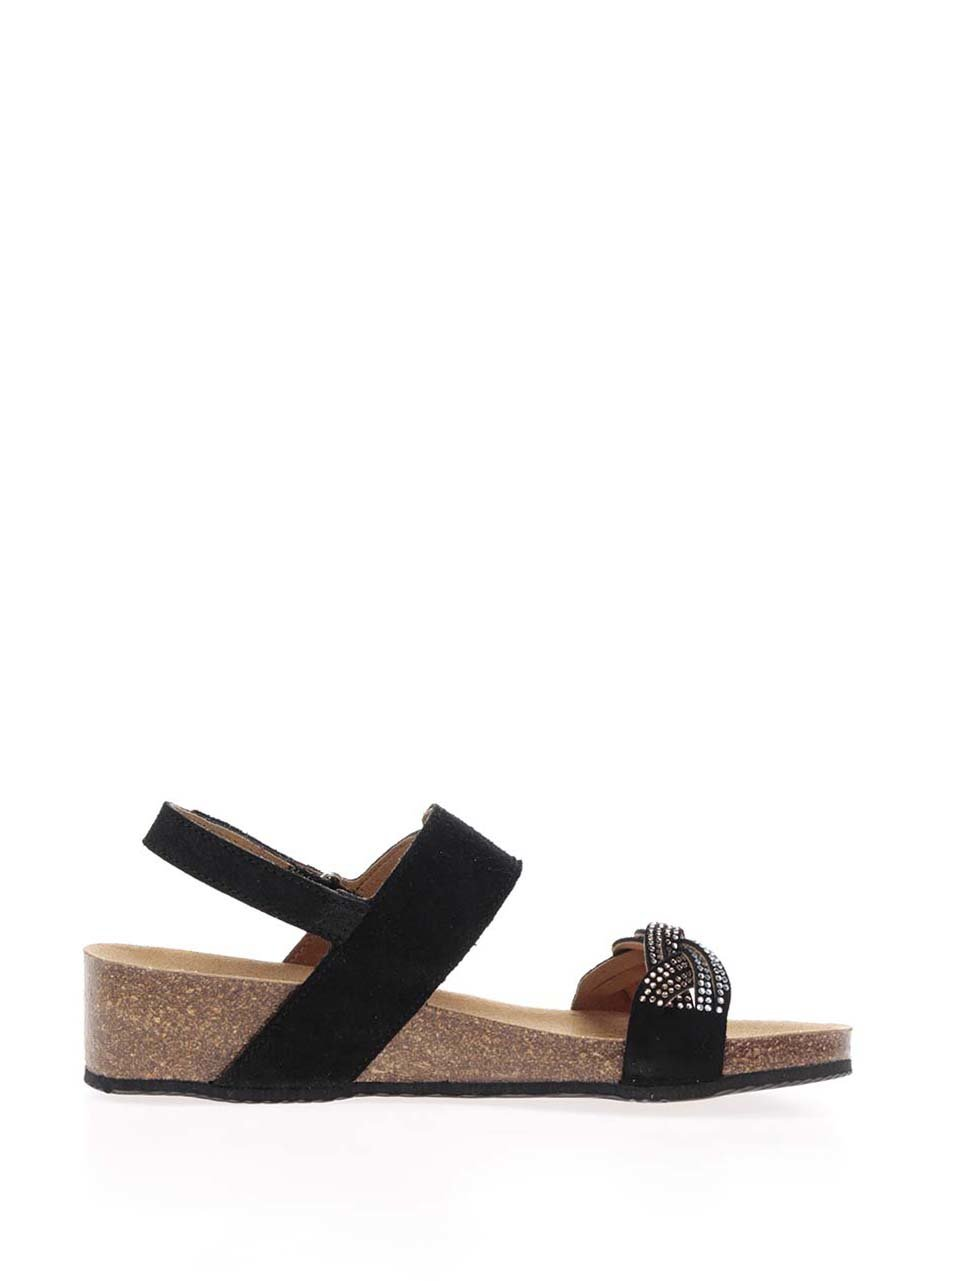 ed0febed1622 Čierne dámske semišové zdravotné sandále Scholl Evelyne ...